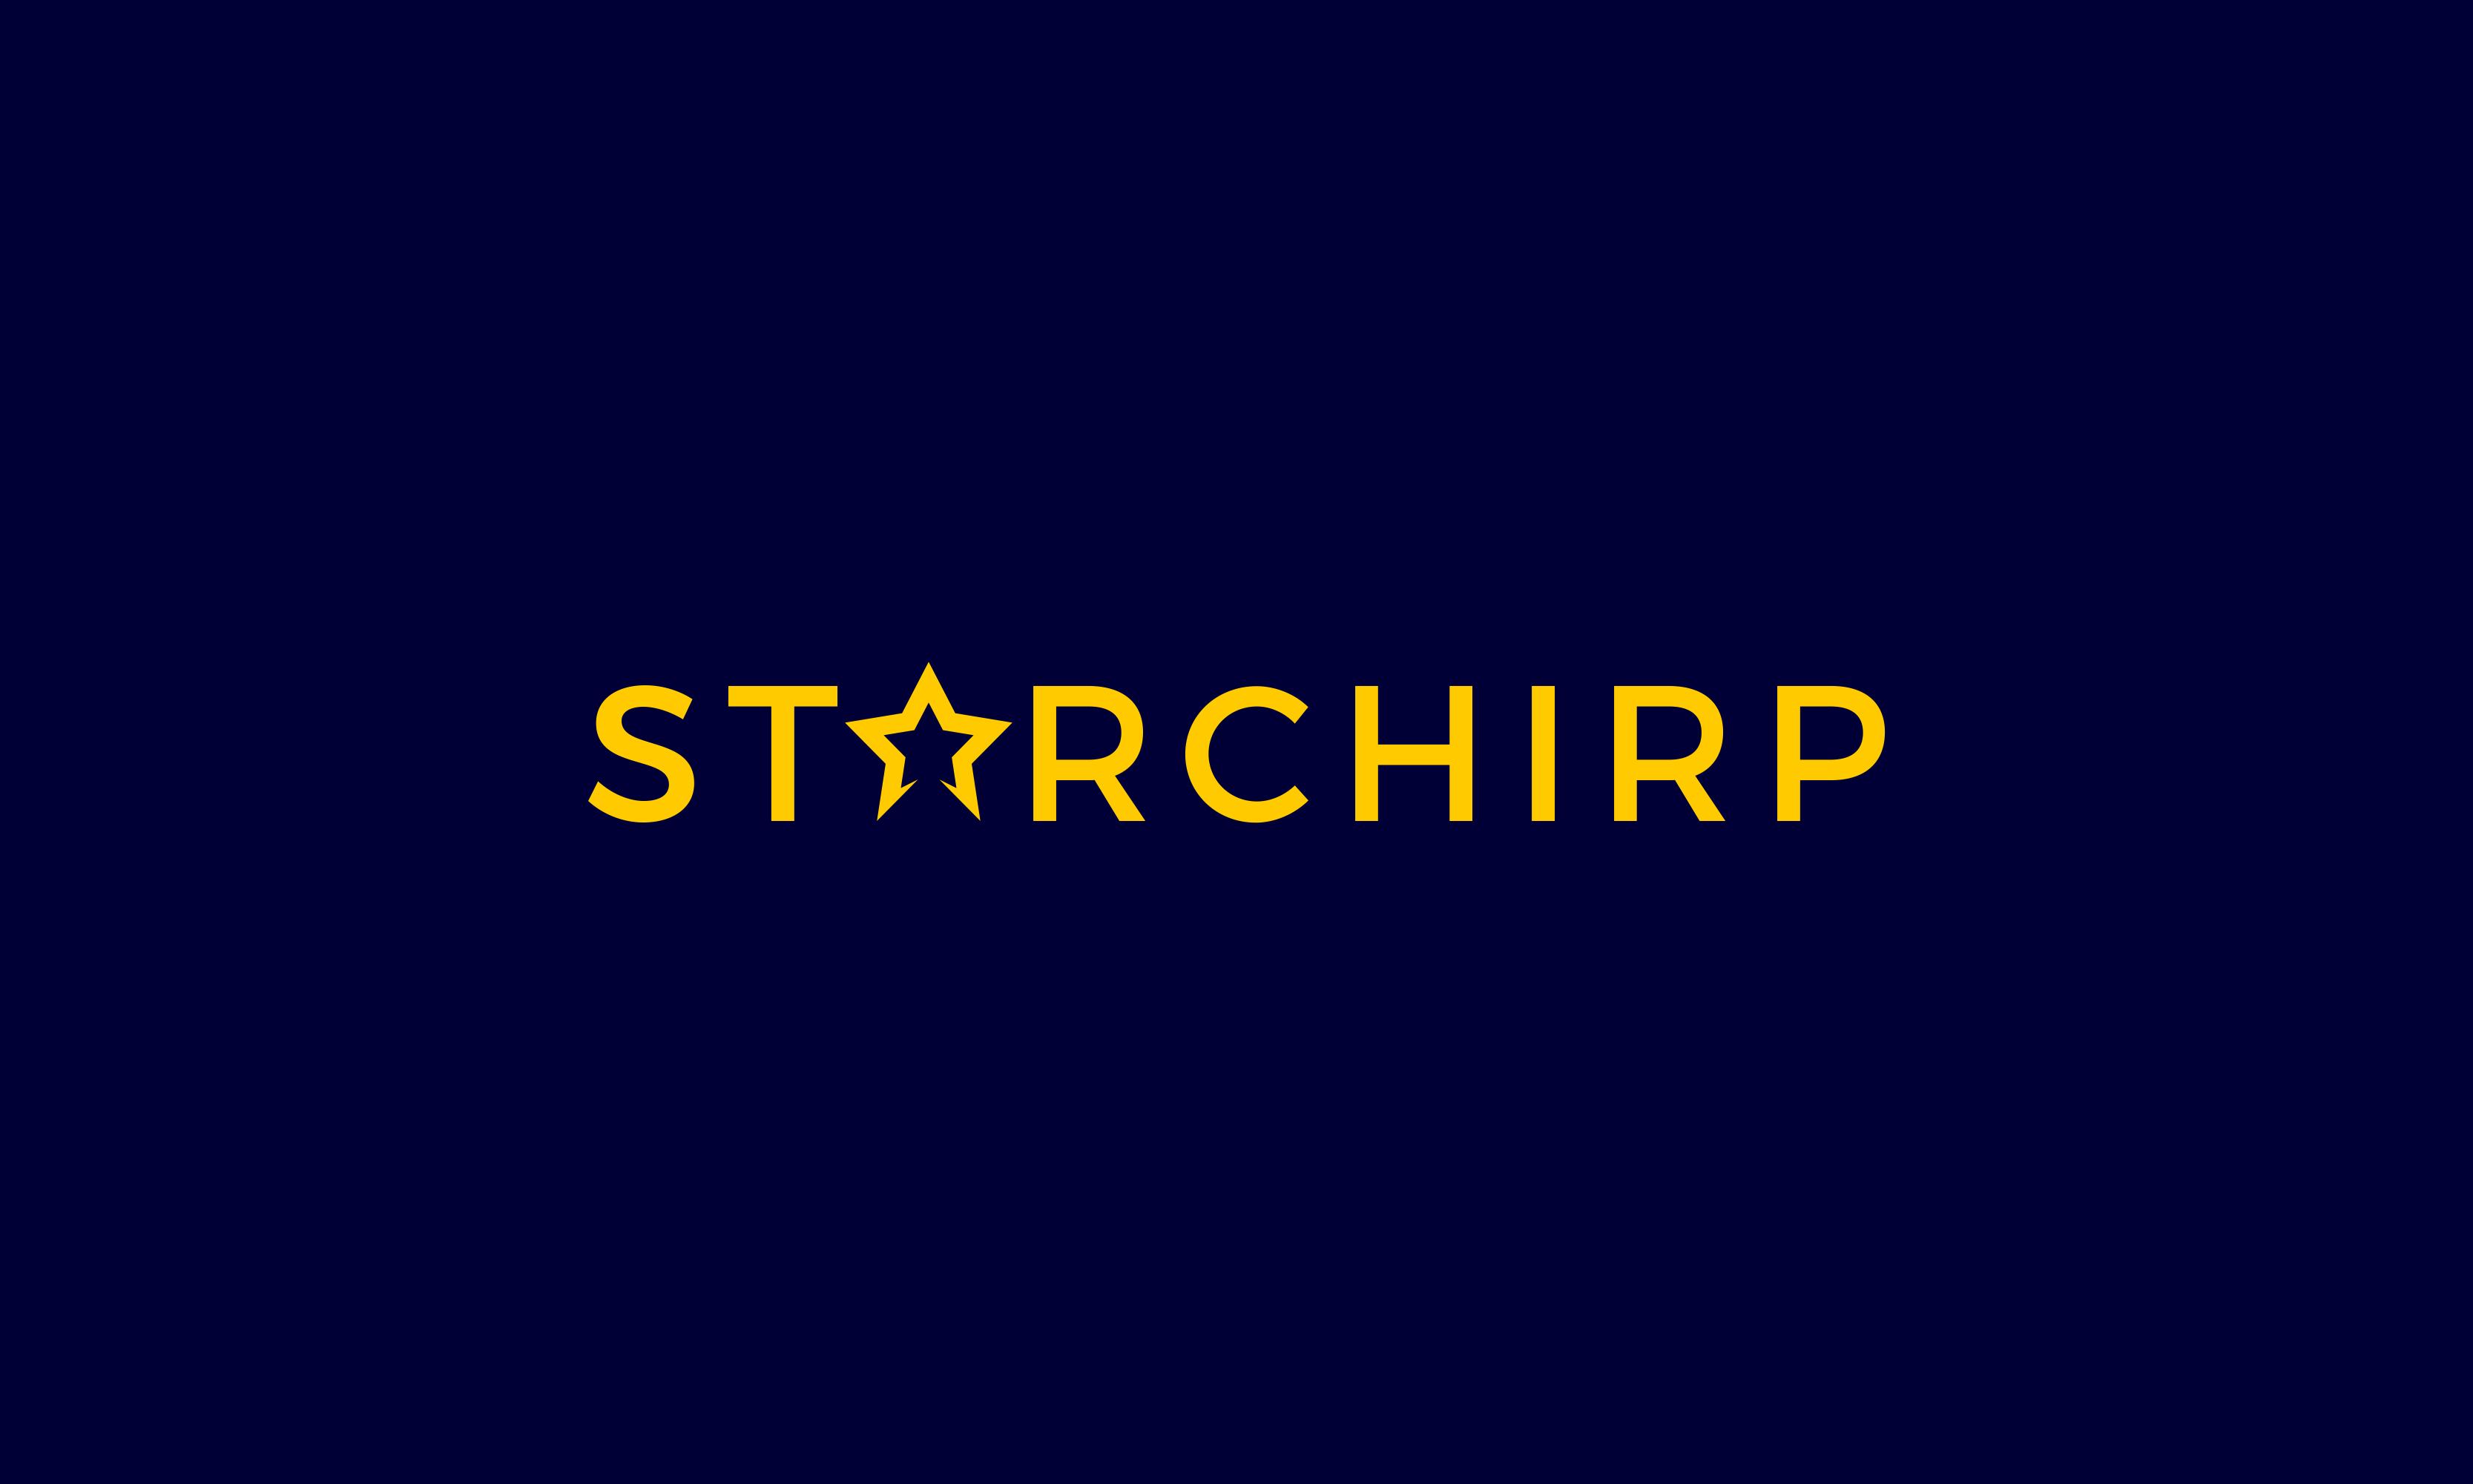 Starchirp